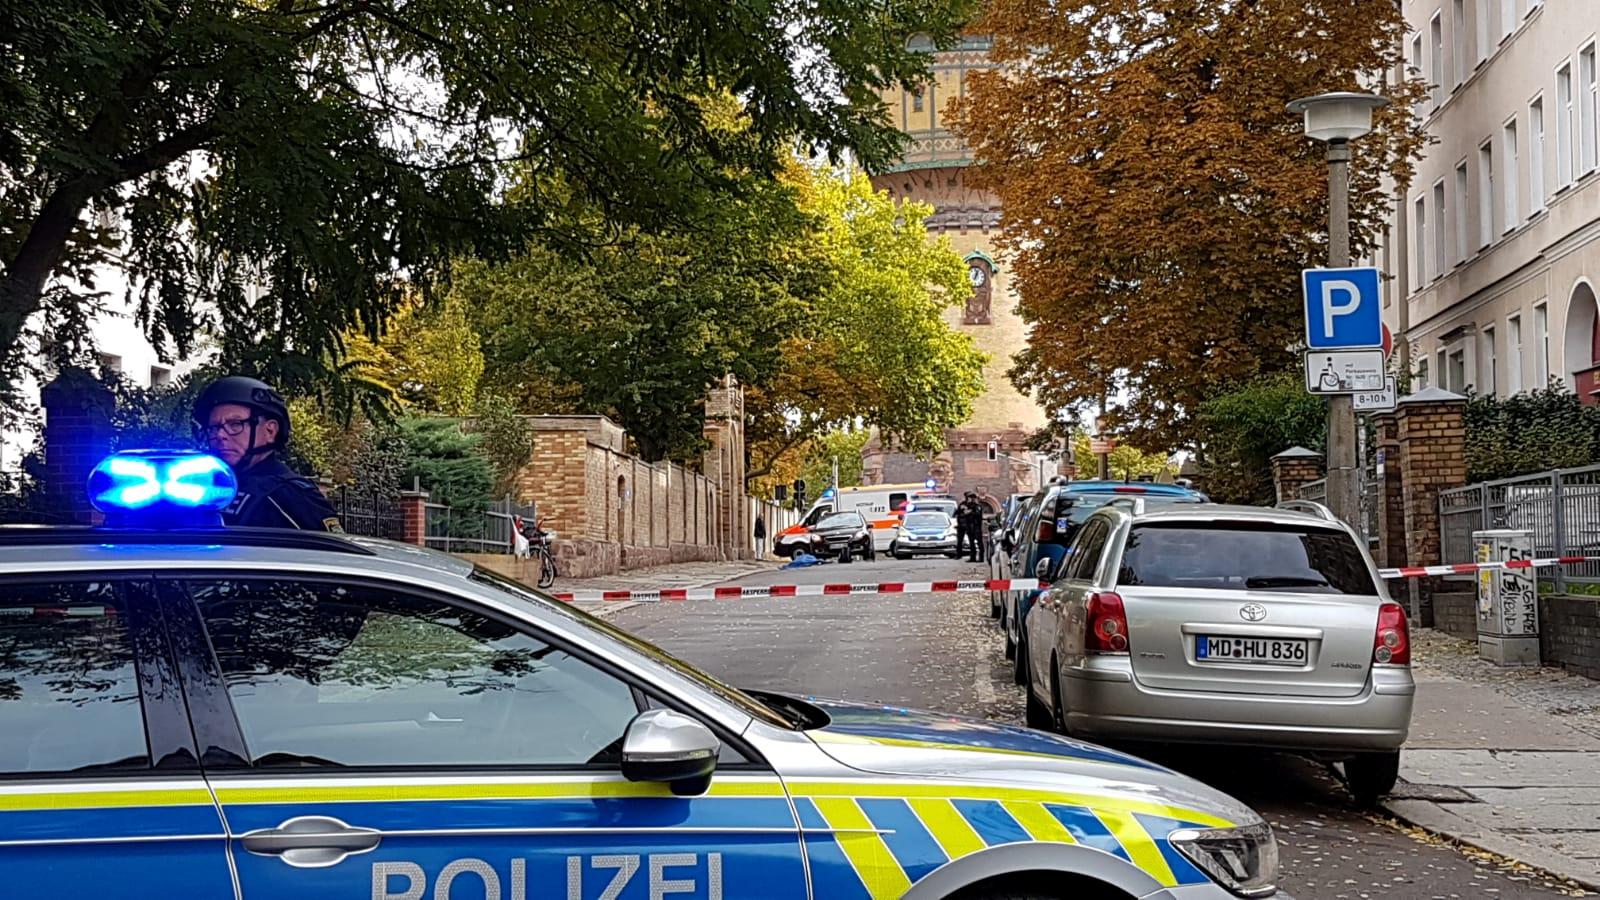 Γερμανία: Πυροβολισμοί σε συναγωγή – Πληροφορίες για νεκρούς